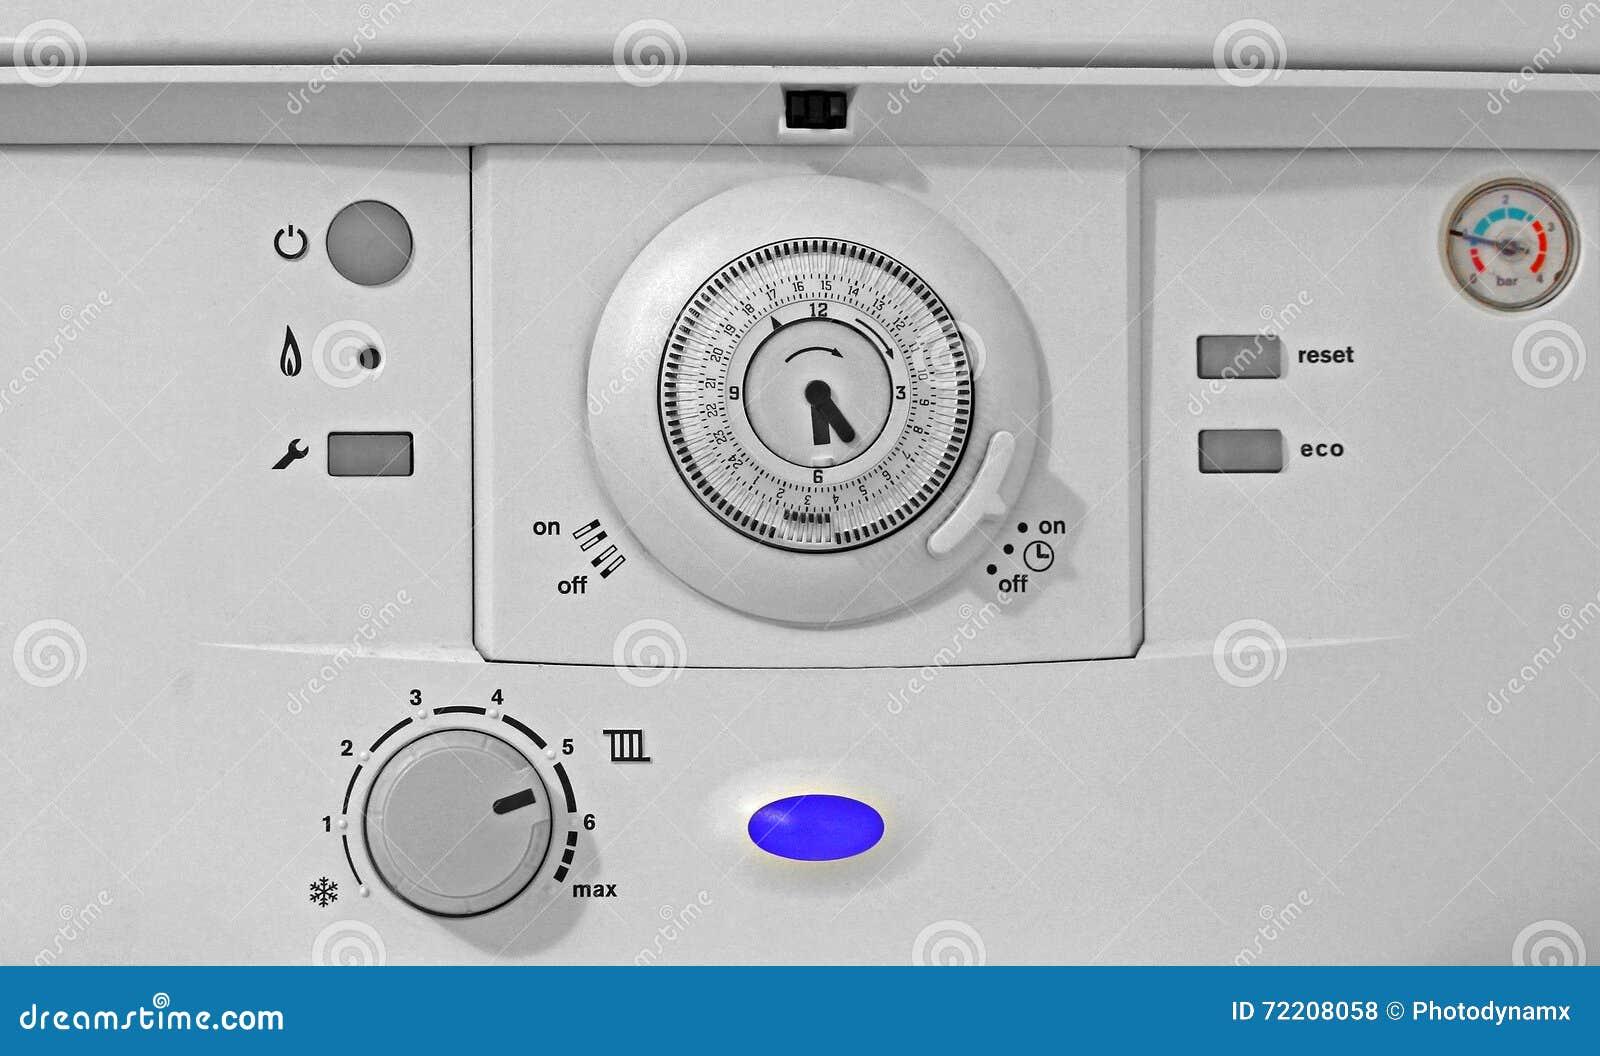 Panel de control de la caldera de gas